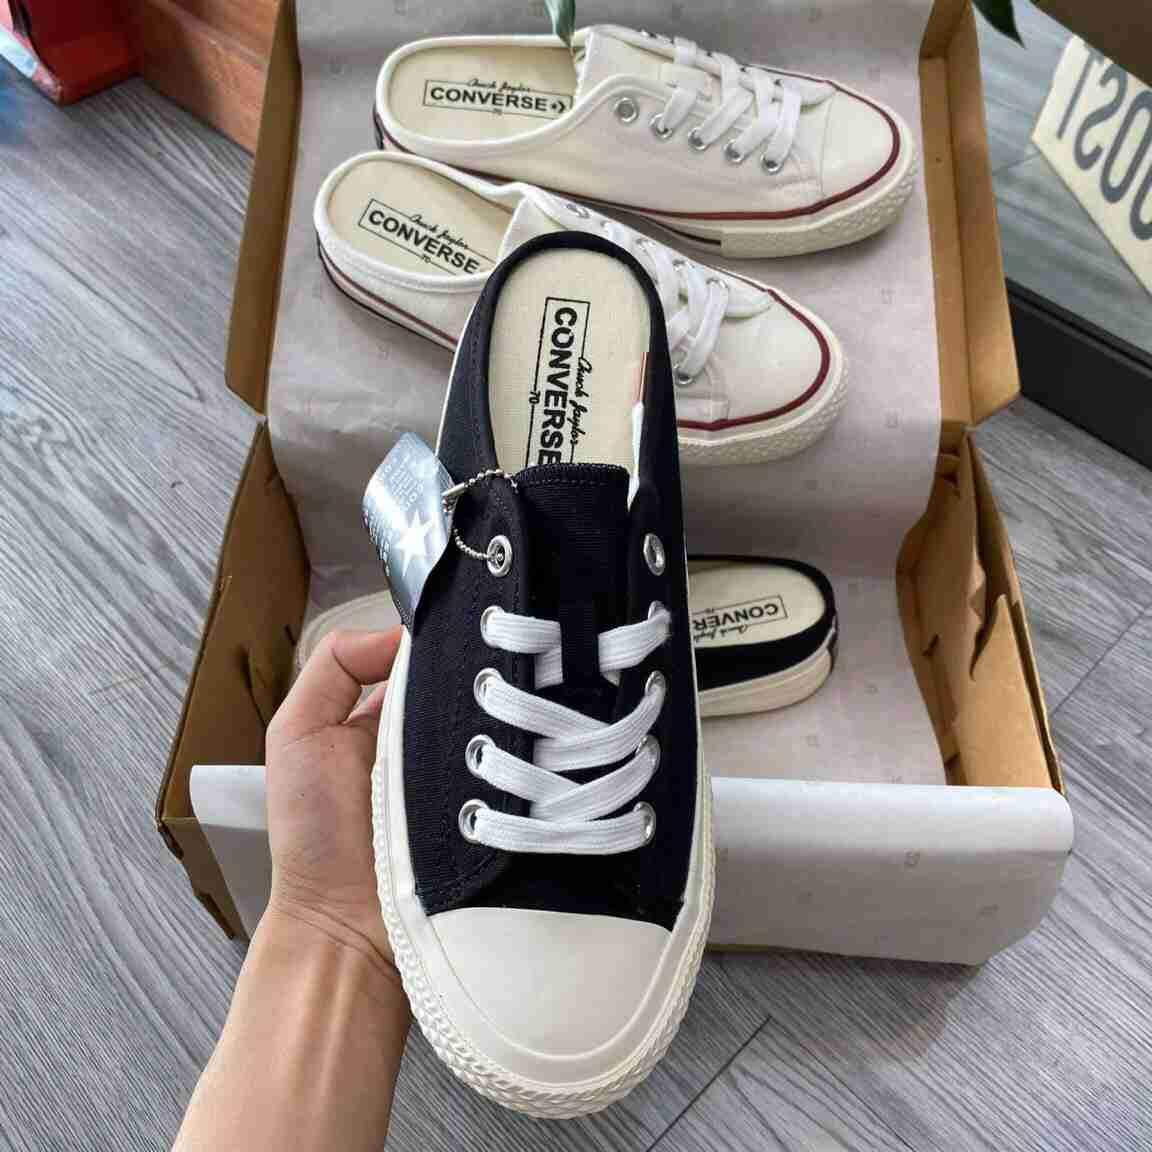 Dòng sản phẩm giày Sục Converse rep 1:1 mang phong cách tối giản, kết hợp 2 màu sắc đen trắng